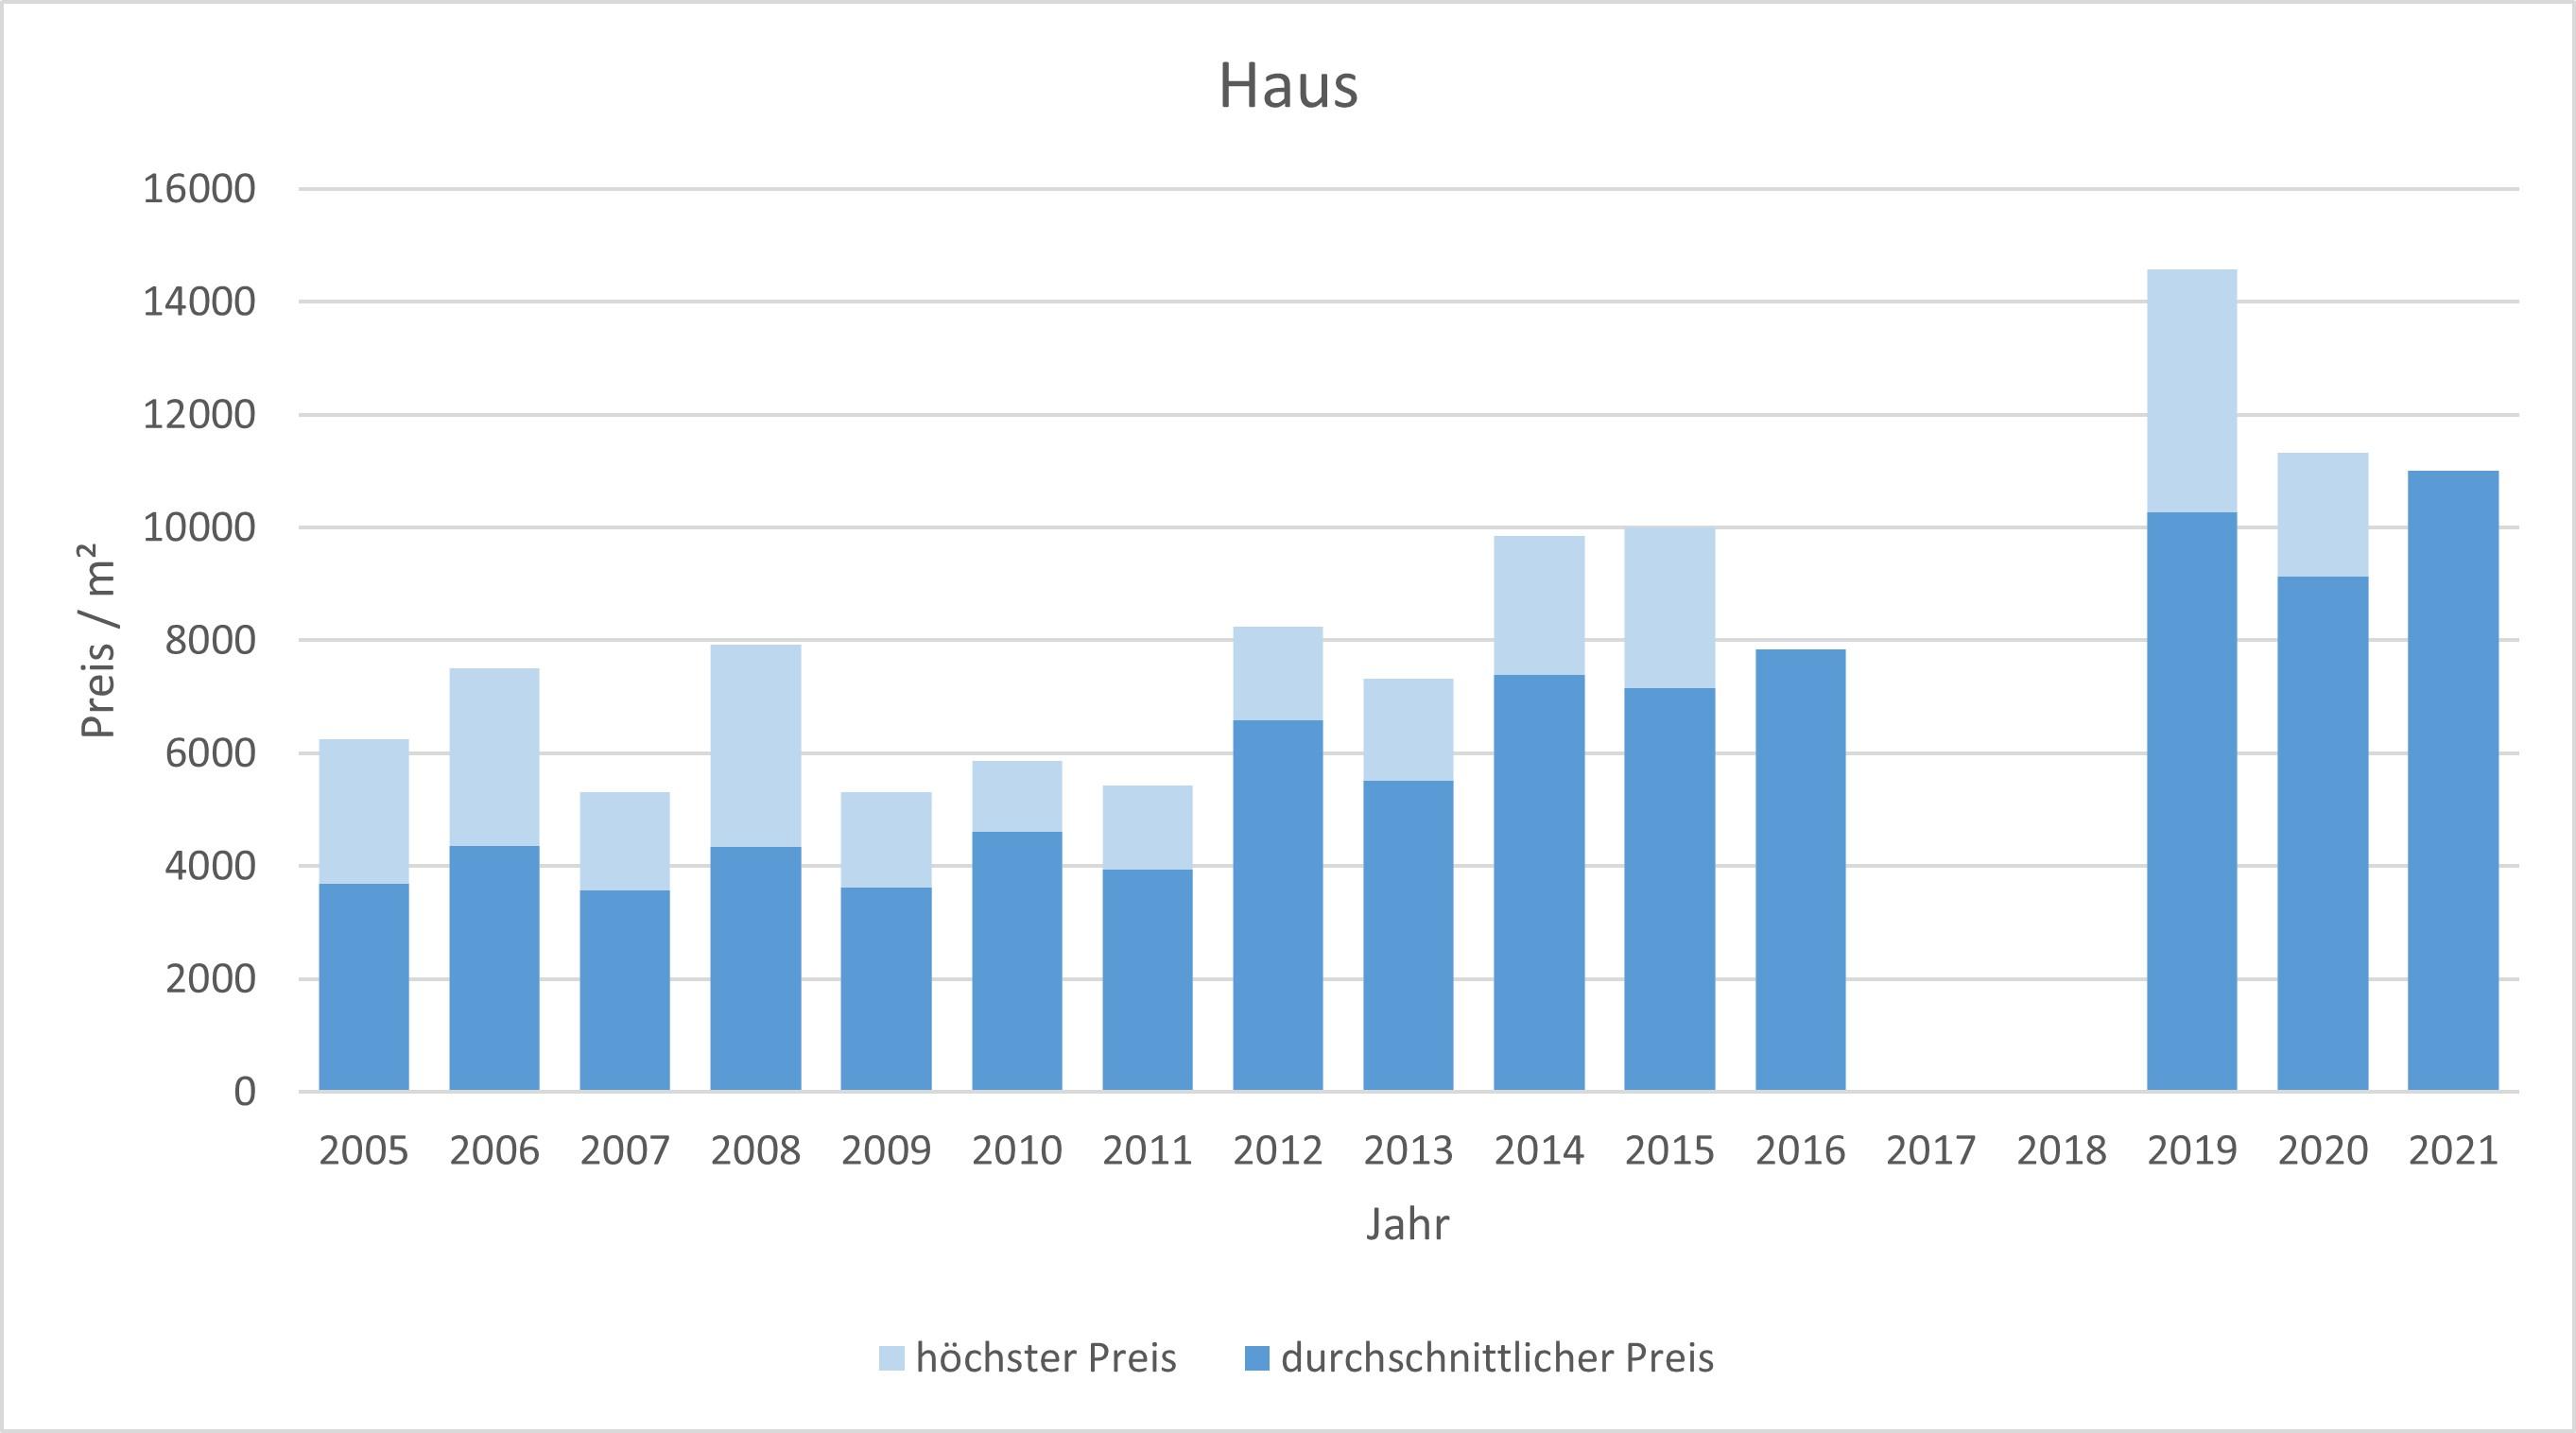 München - Denning Haus kaufen verkaufen Preis Bewertung Makler www.happy-immo.de 2019 2020 2021